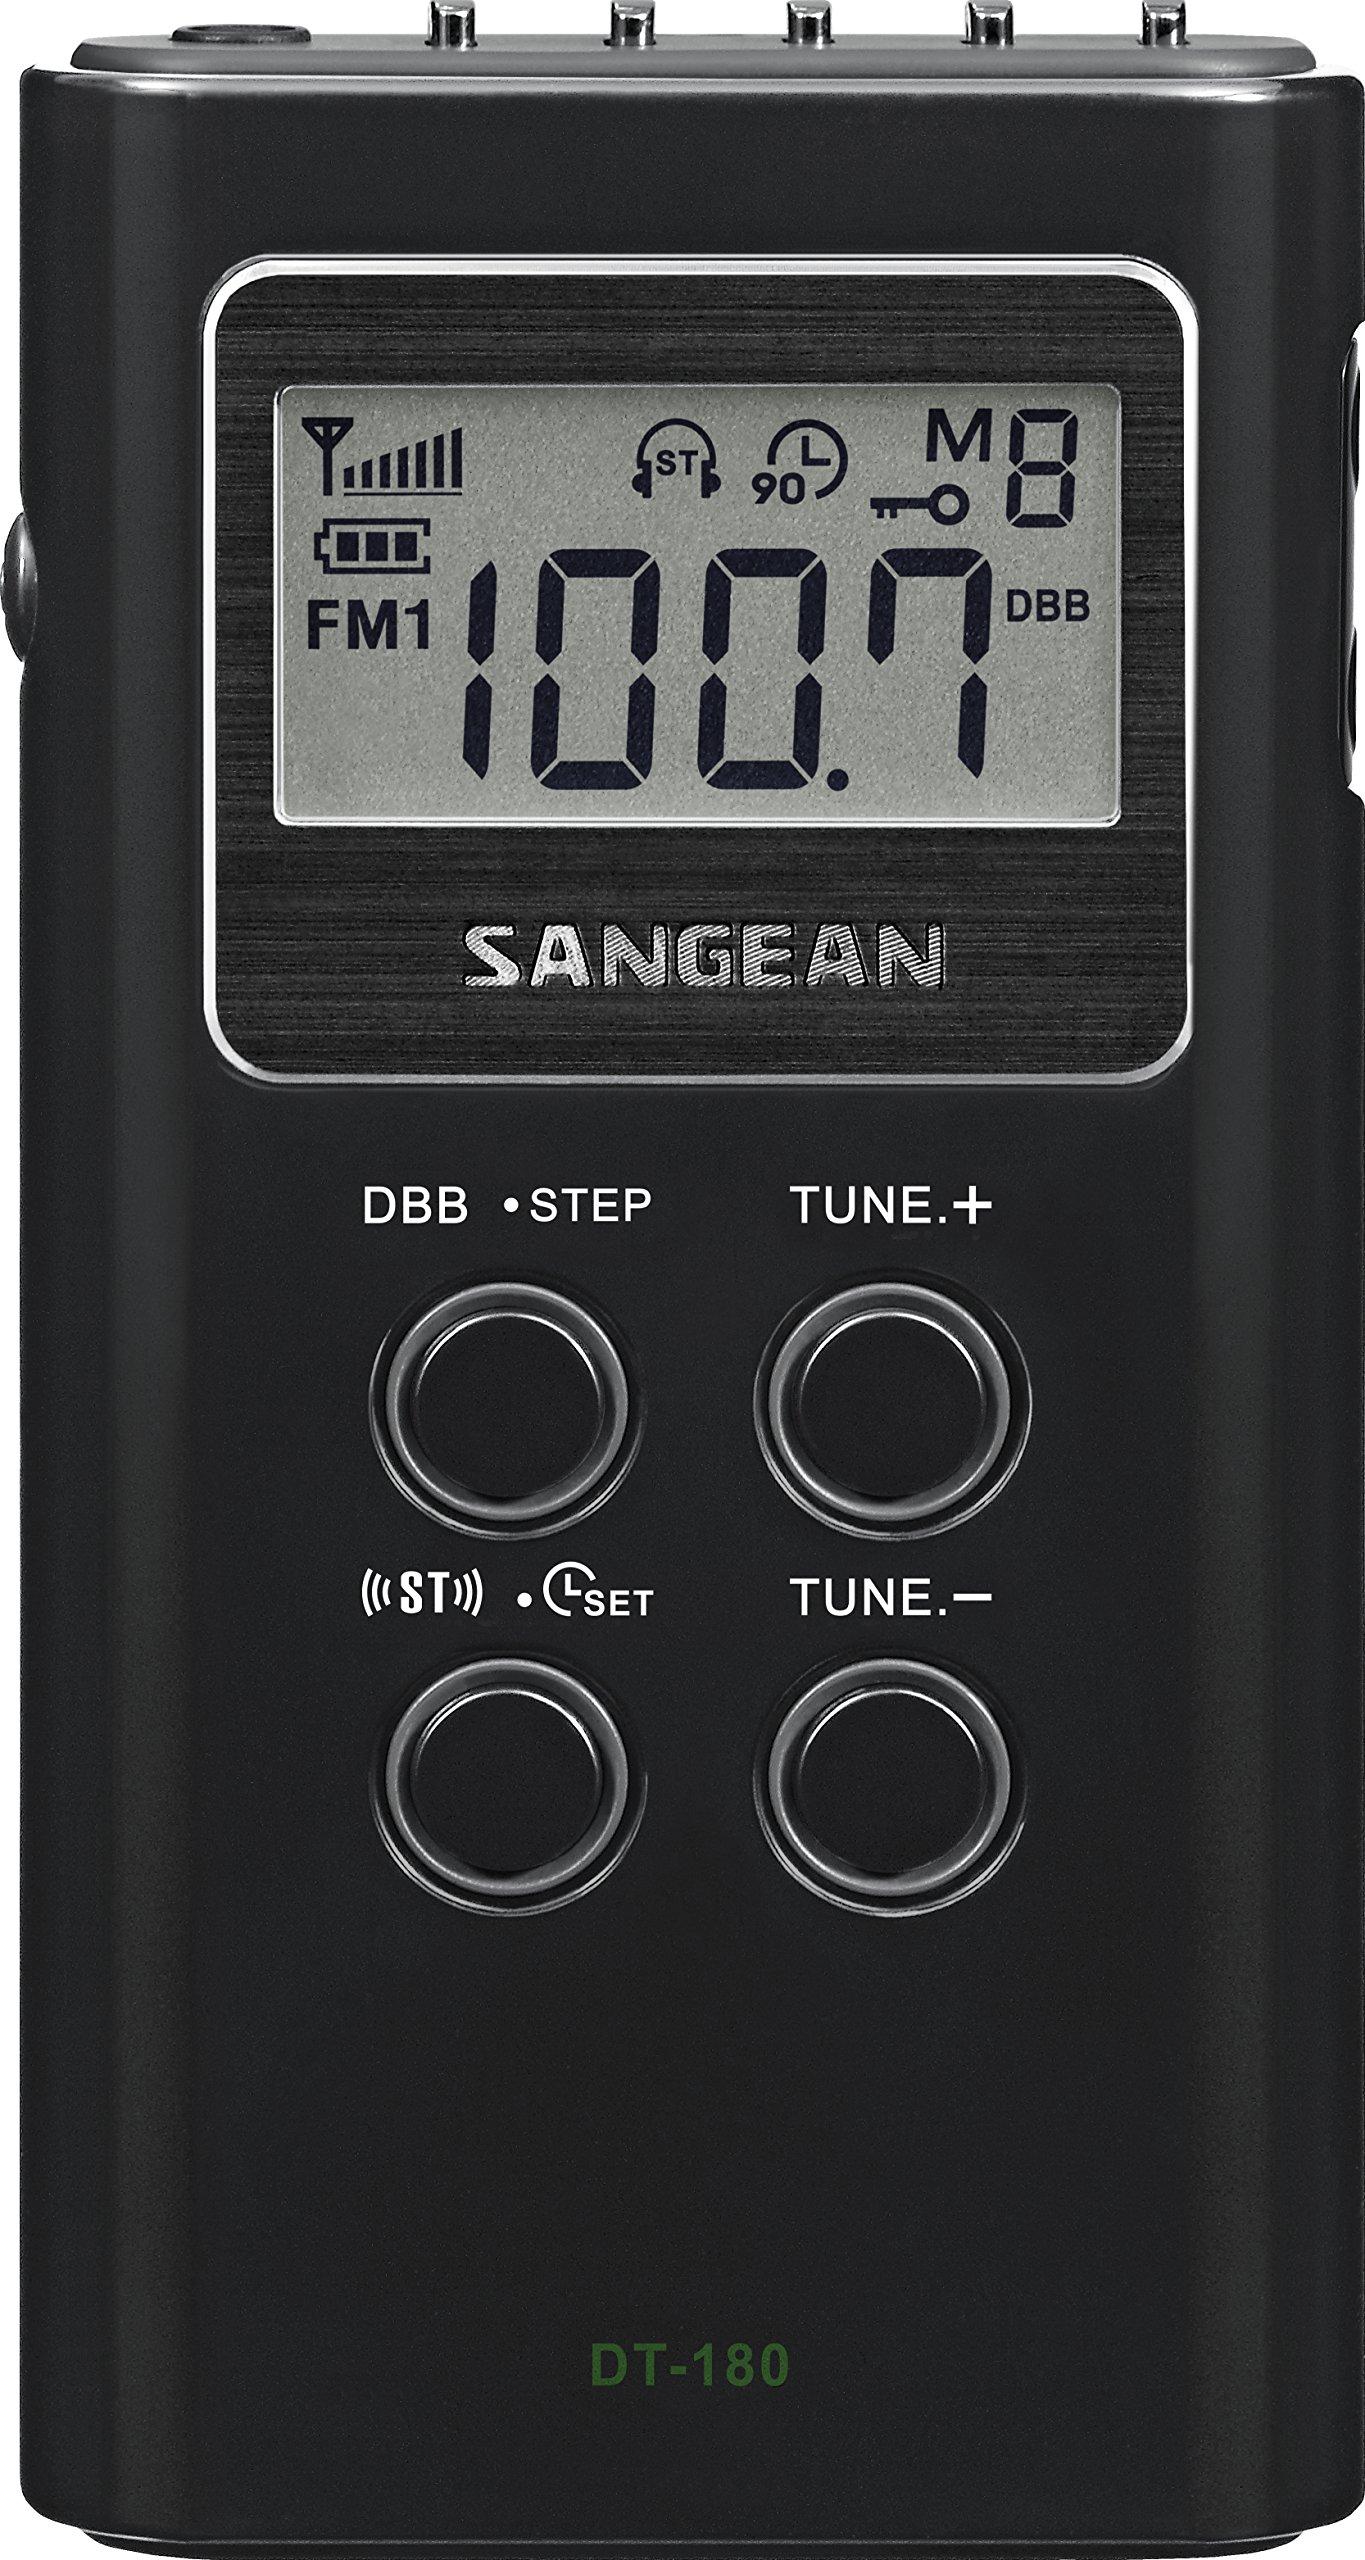 Sangean DT-180 AM/FM Pocket Radio